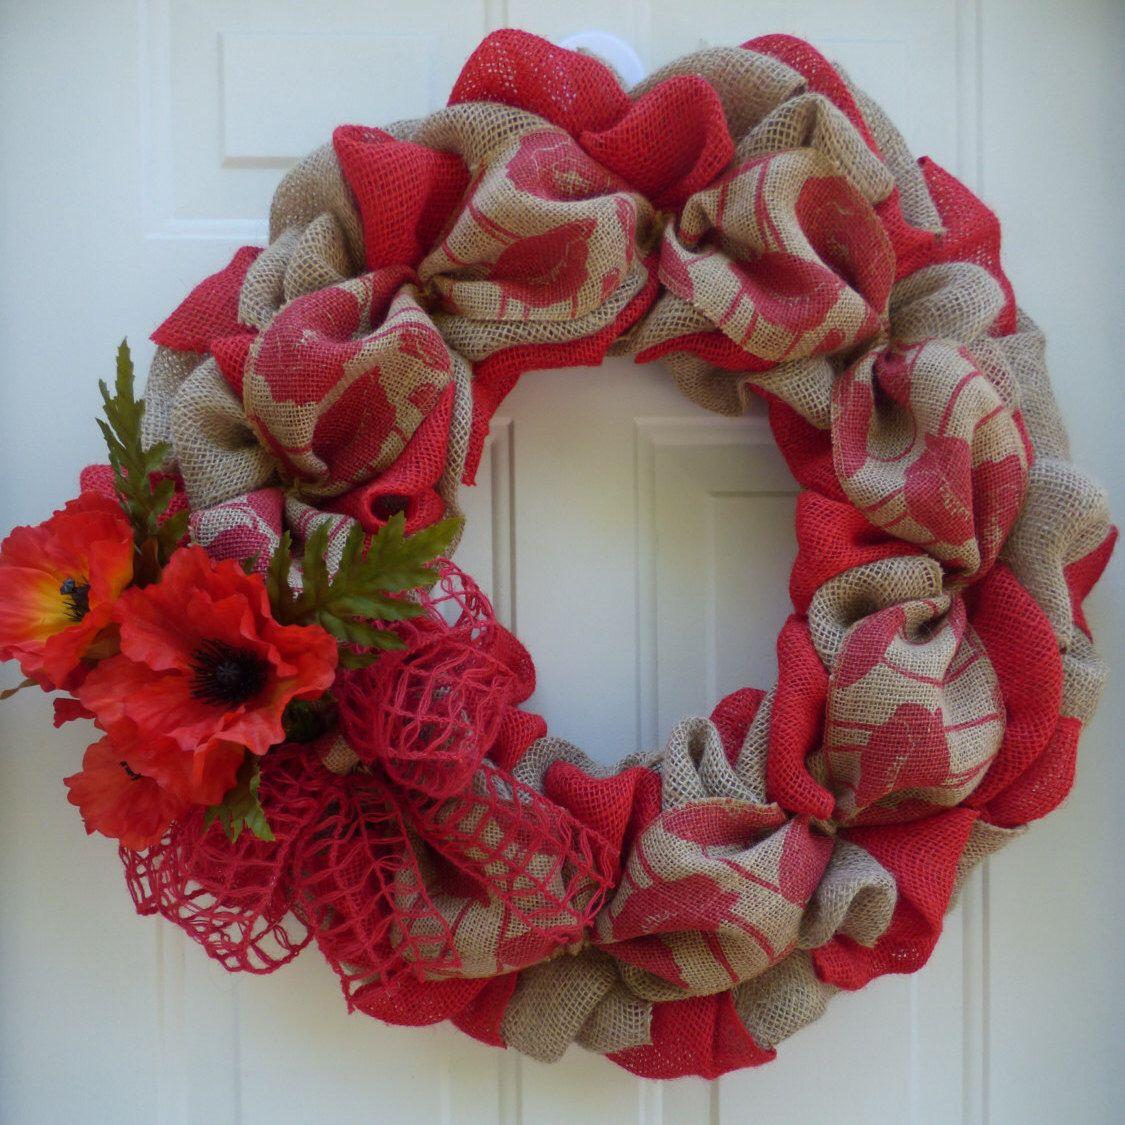 Photo of Wreaths for Front Door/Summer Wreaths for Front Door/Country Wreath/Door Wreath/Burlap Wreaths/Summer Burlap Wreath/Wreath For Summer